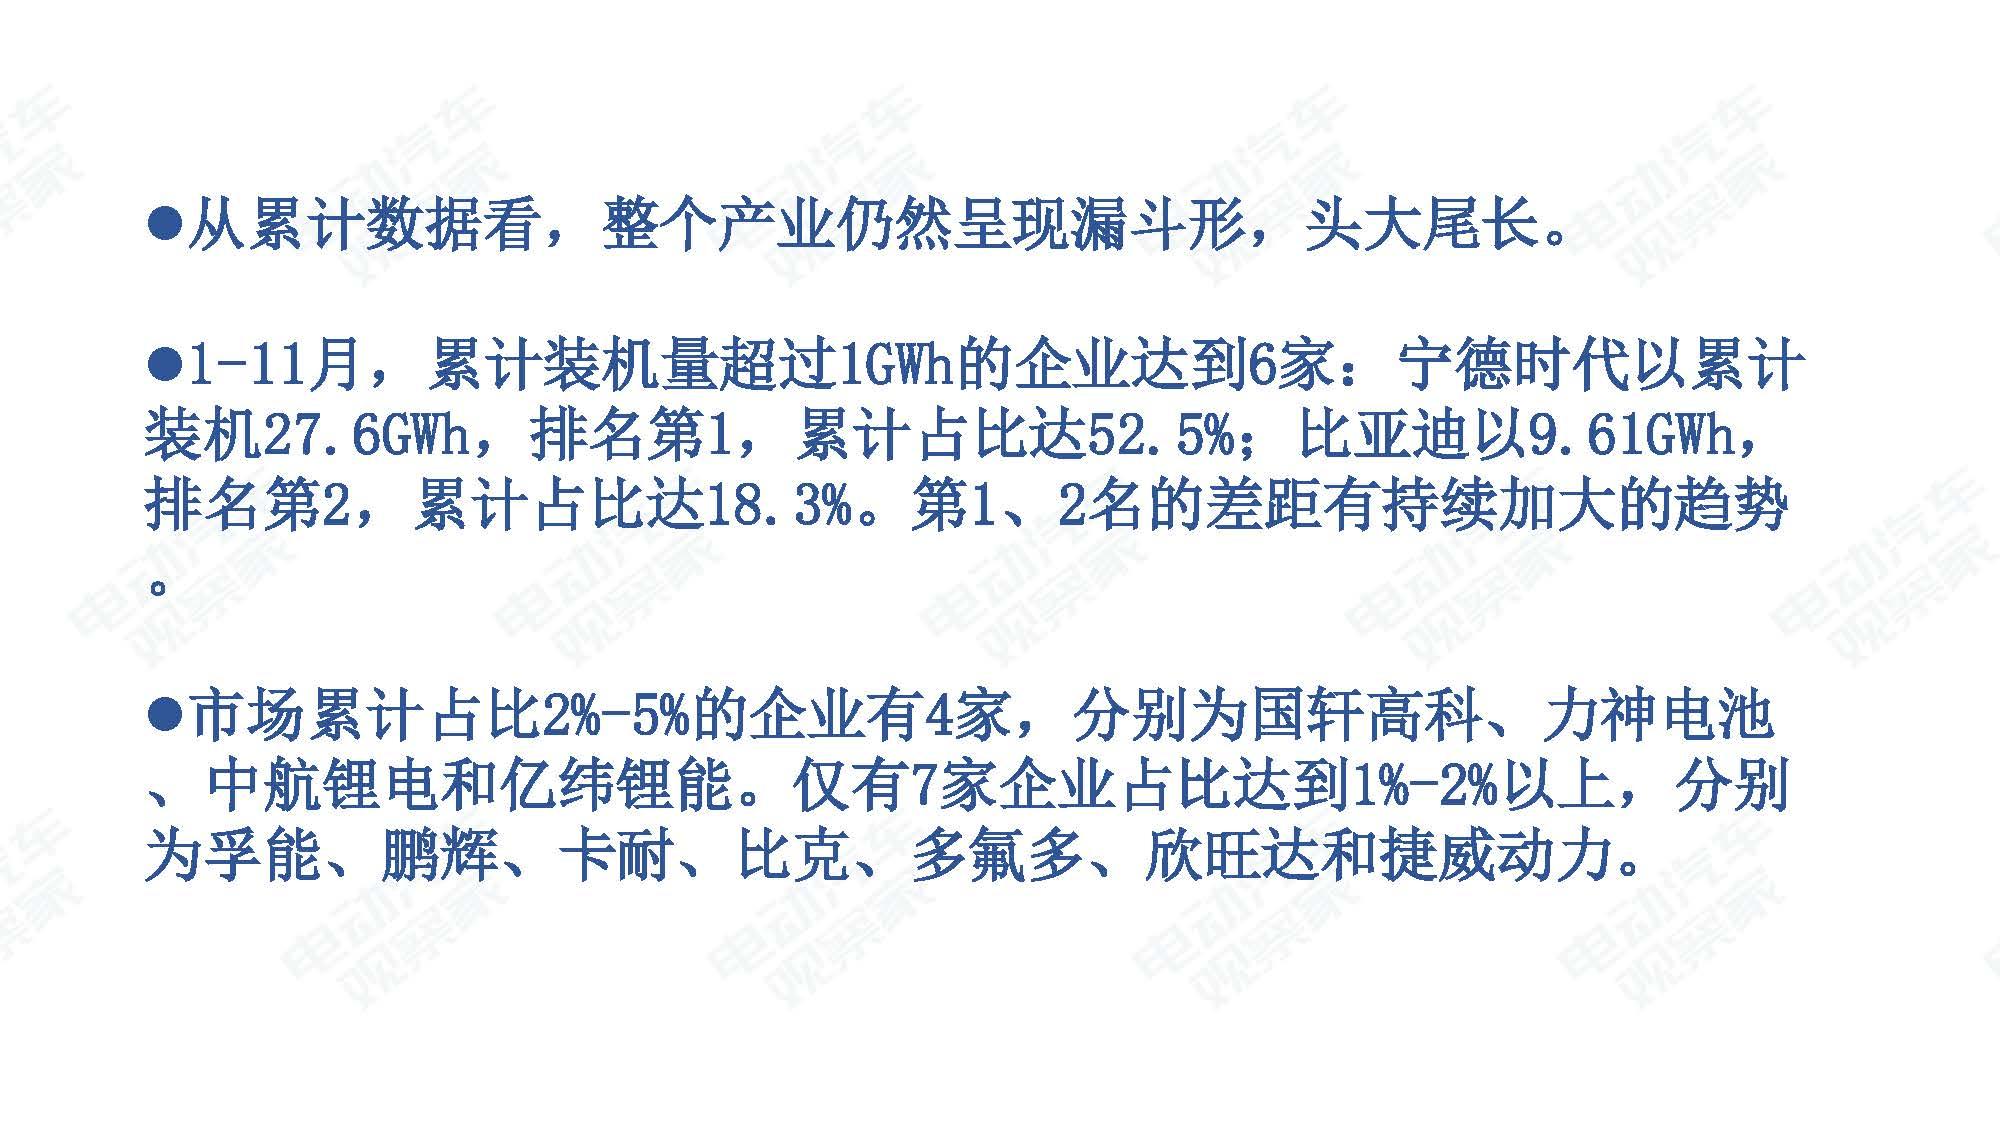 2019年11月中国新能源汽车产业观察_页面_081